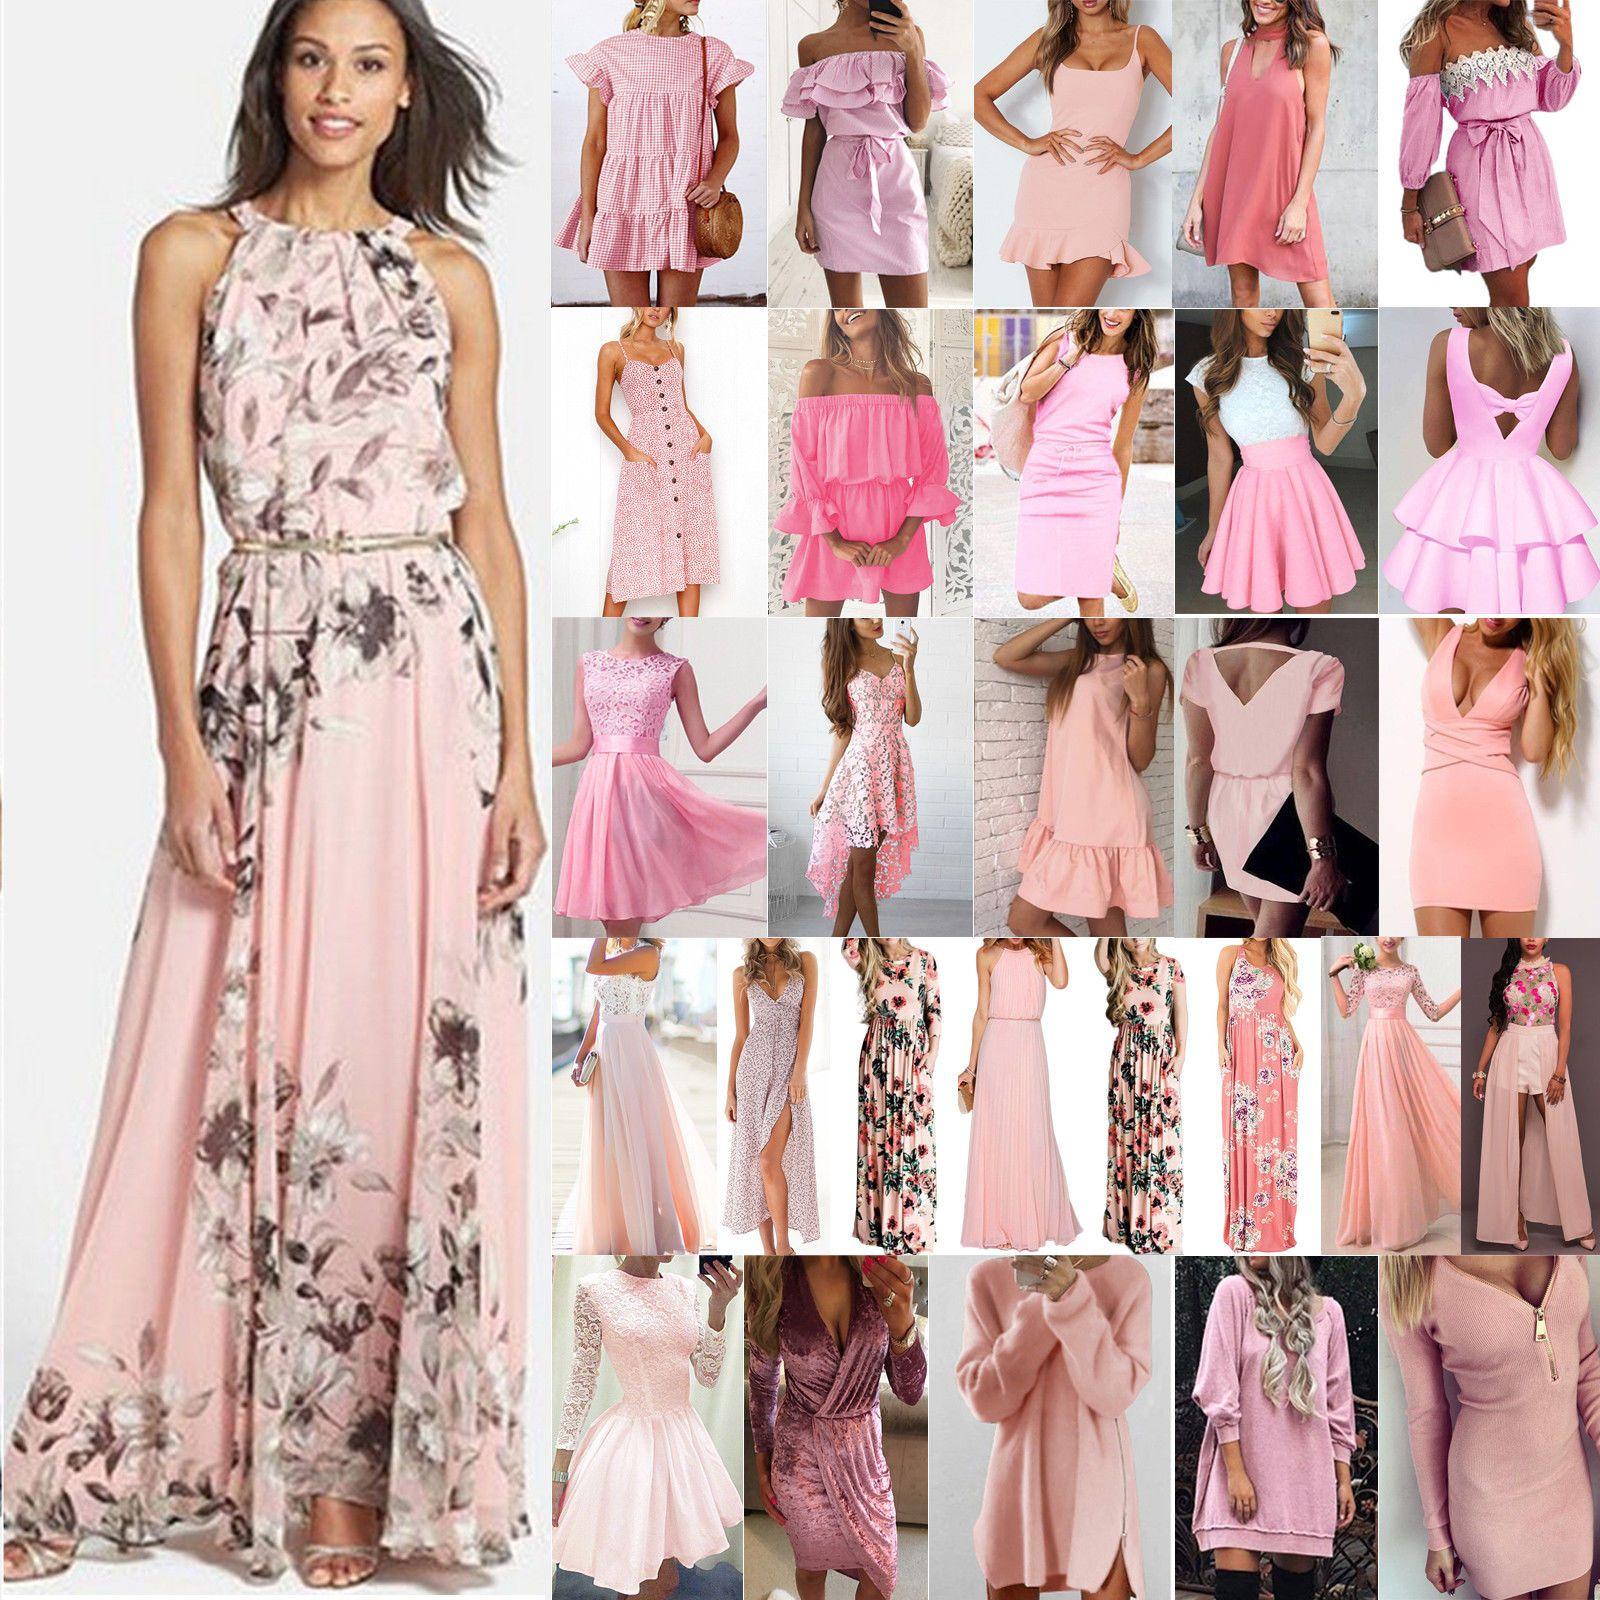 damenmode maxikleid rosa damen kleider boho sommerkleid